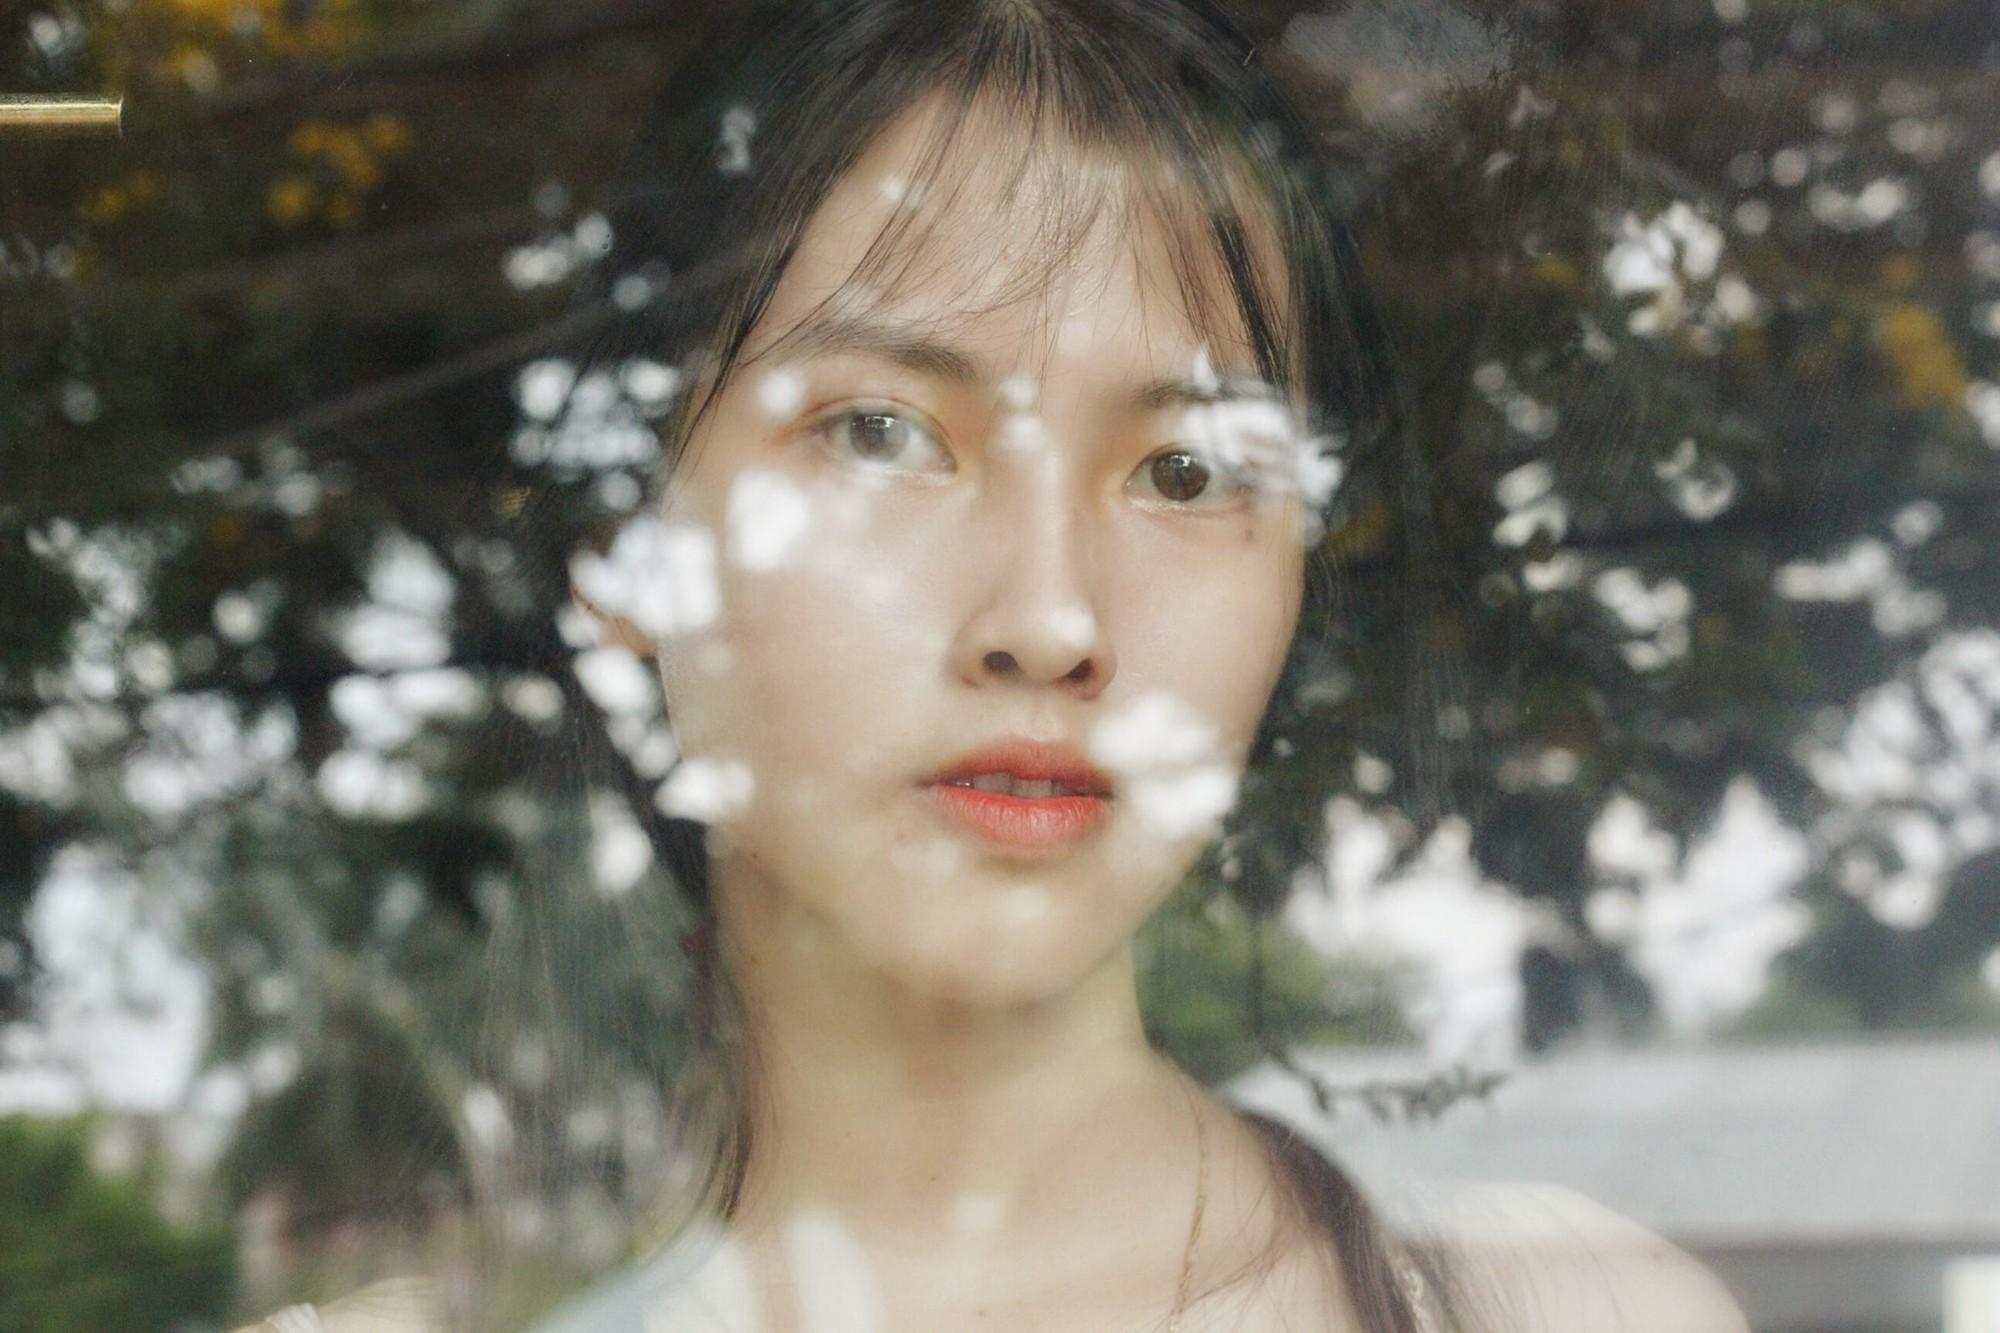 Bắt chước người ta chụp ảnh kỷ yếu cool ngầu, nữ sinh 2001 nhận lấy cái kết ngã sấp mặt - Ảnh 5.